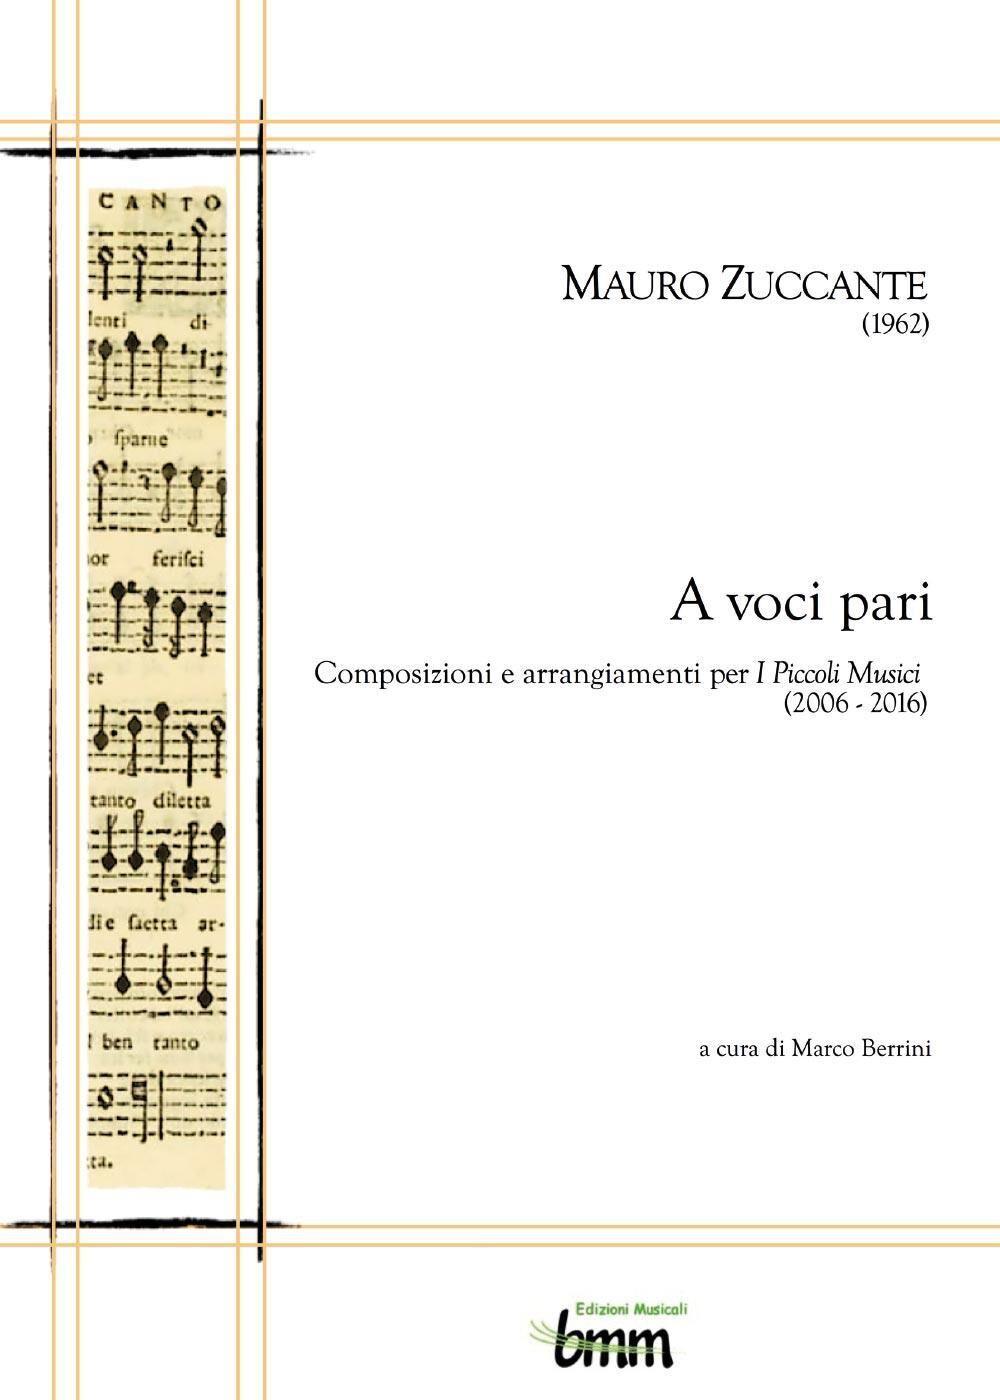 Mauro Zuccante. A voci pari. Composizioni e arrangiamenti per I piccoli musici (2006-2016)